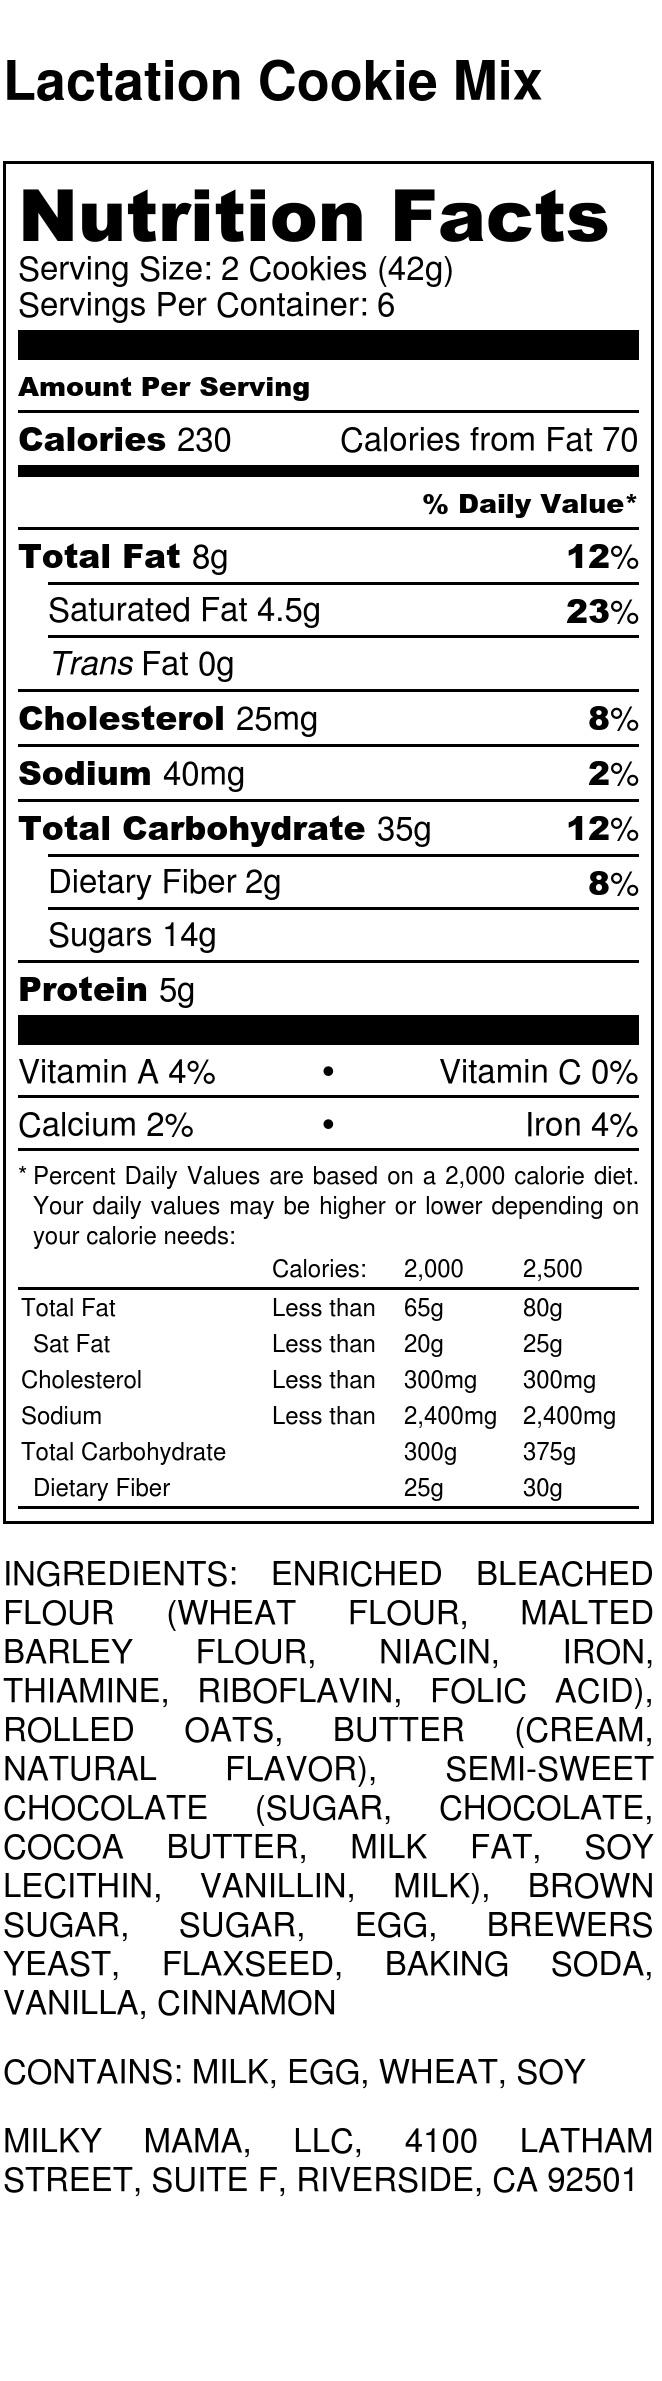 lactation-cookie-mix-nutrition-label.jpg